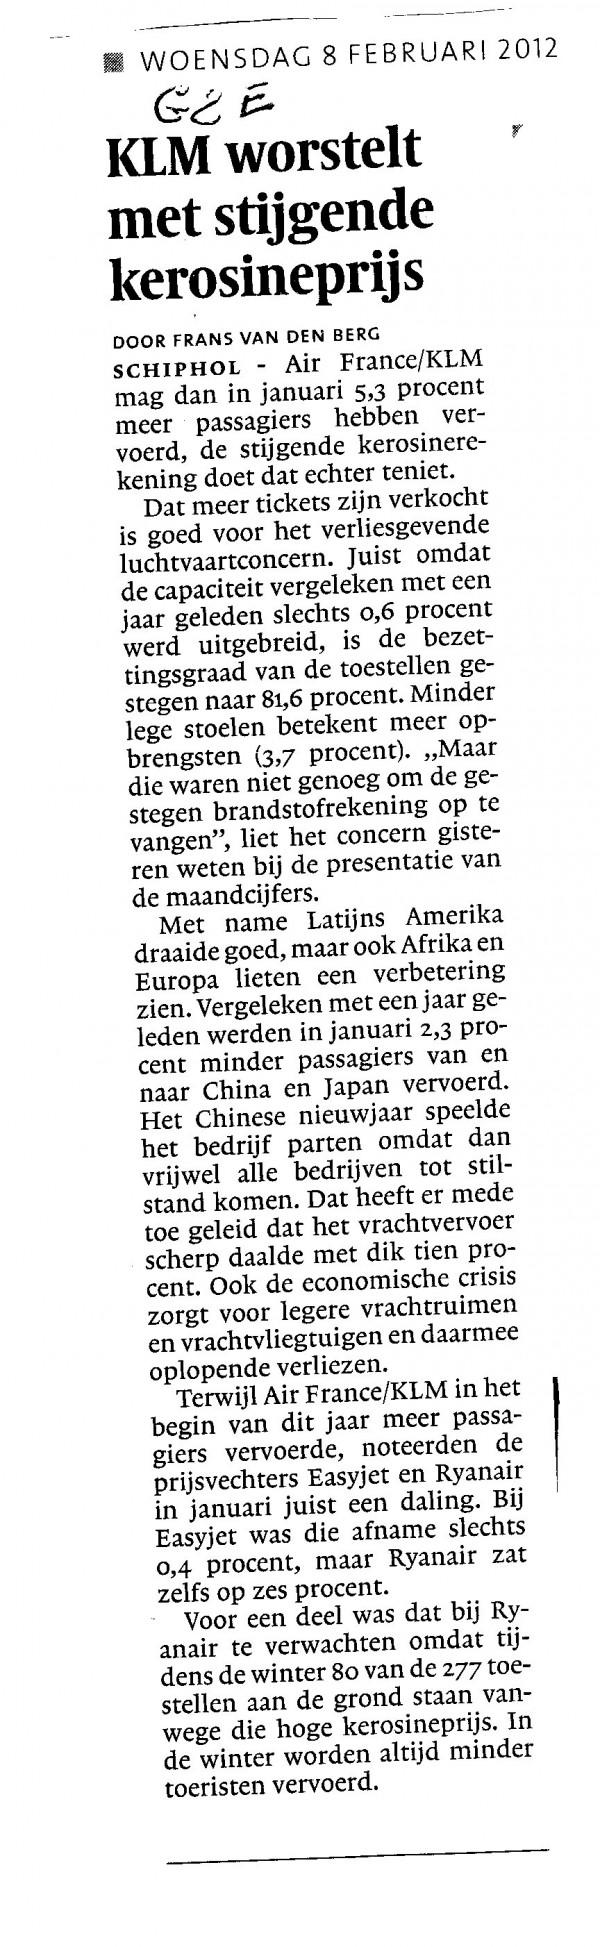 KLM worstelt met stijgende kerosineprijs